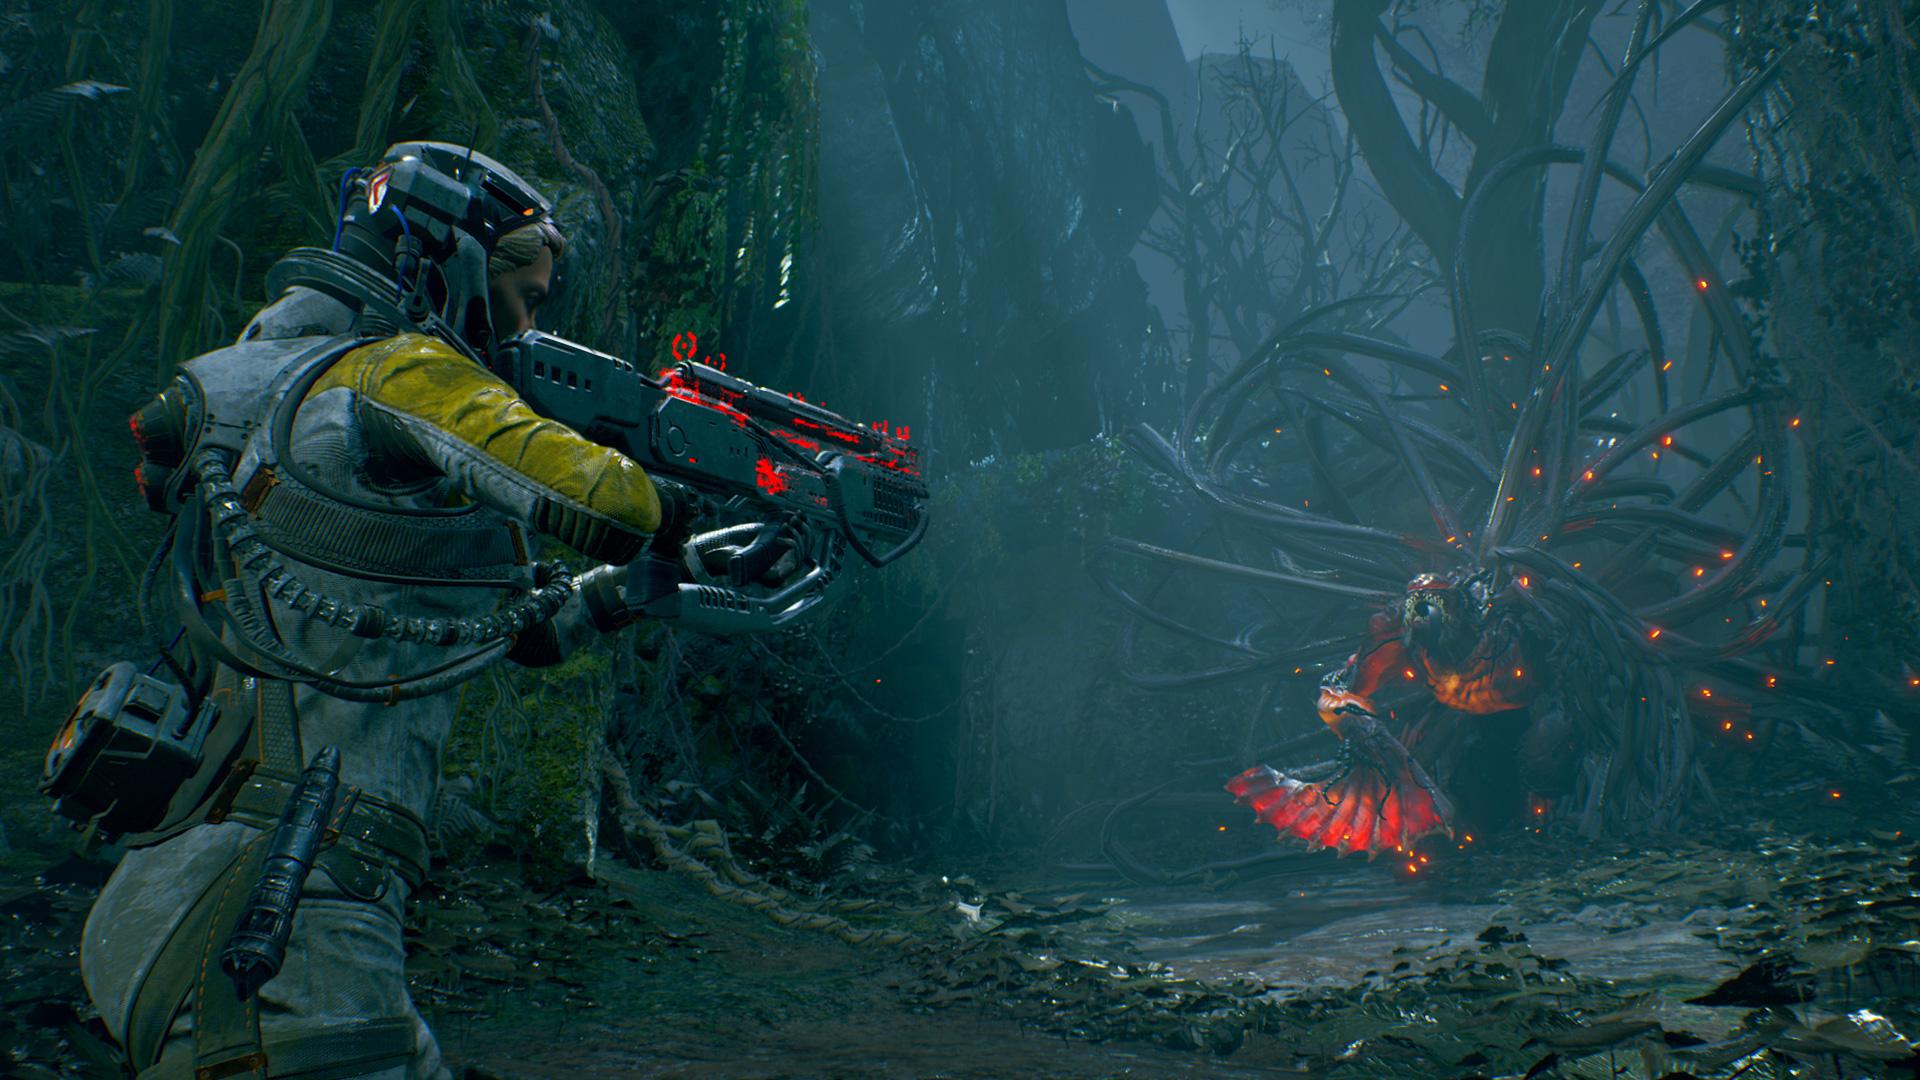 Eine Szene aus dem Spiel Returnal